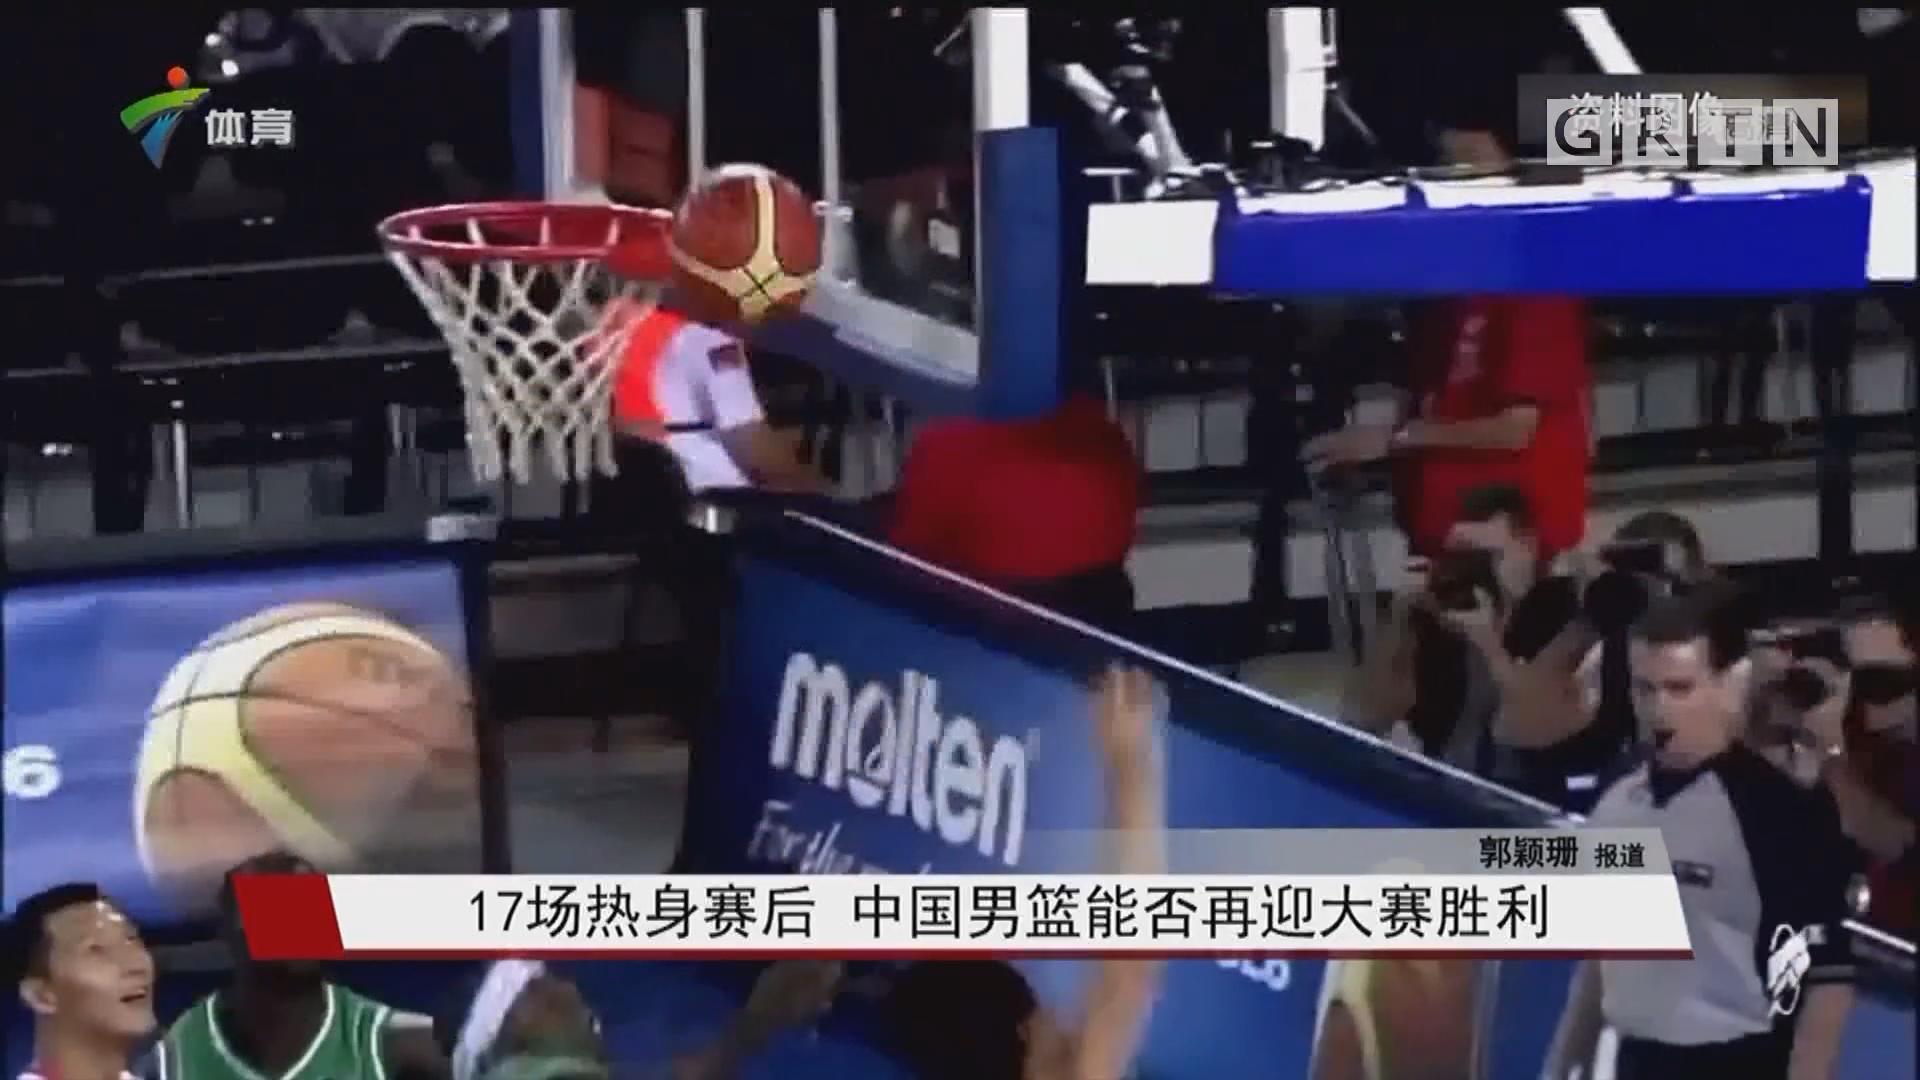 17场热身赛后 中国男篮能否再迎大赛胜利